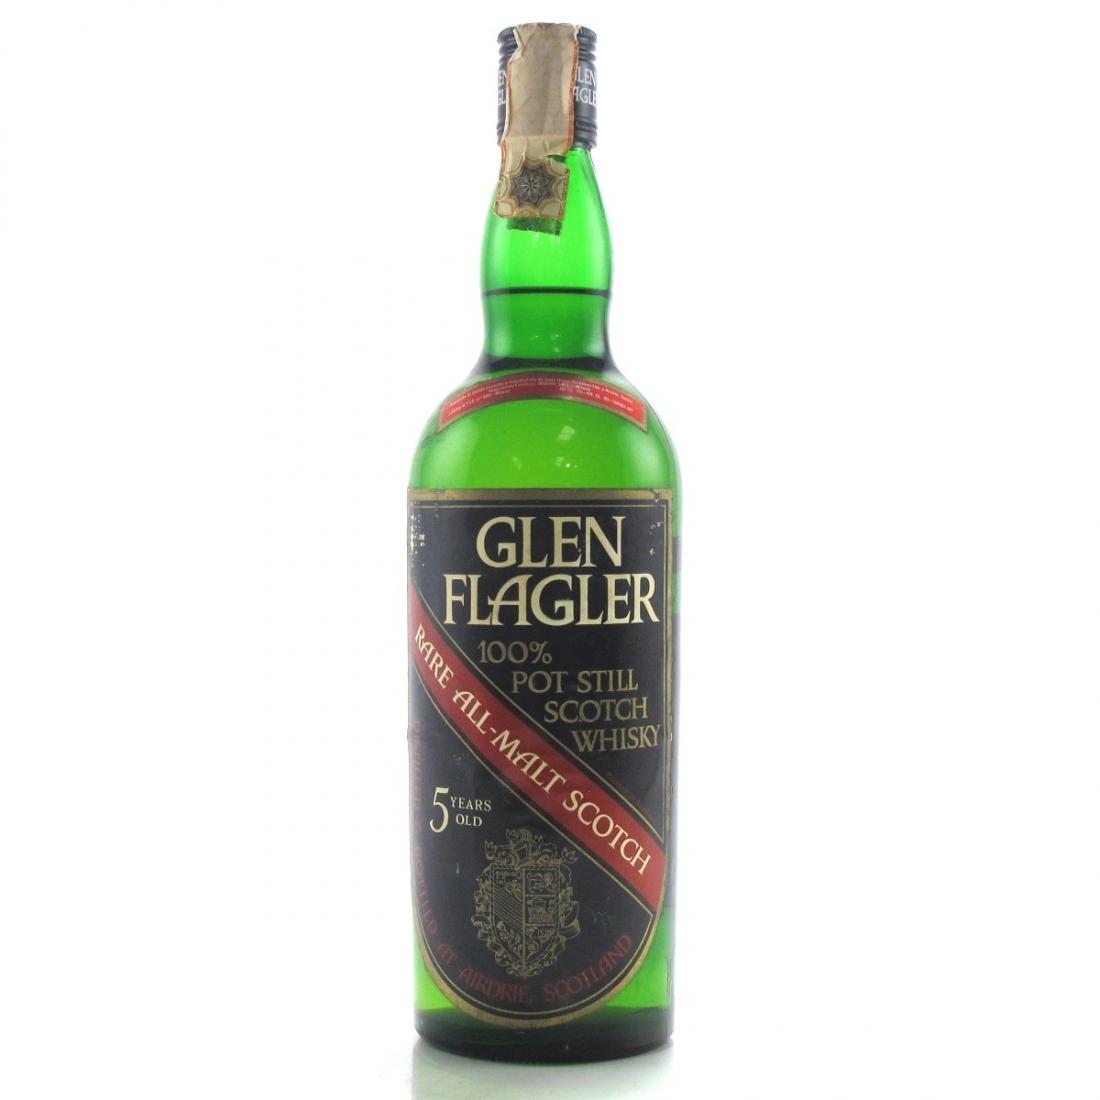 Glen Flagler 5 Year Old 1970s